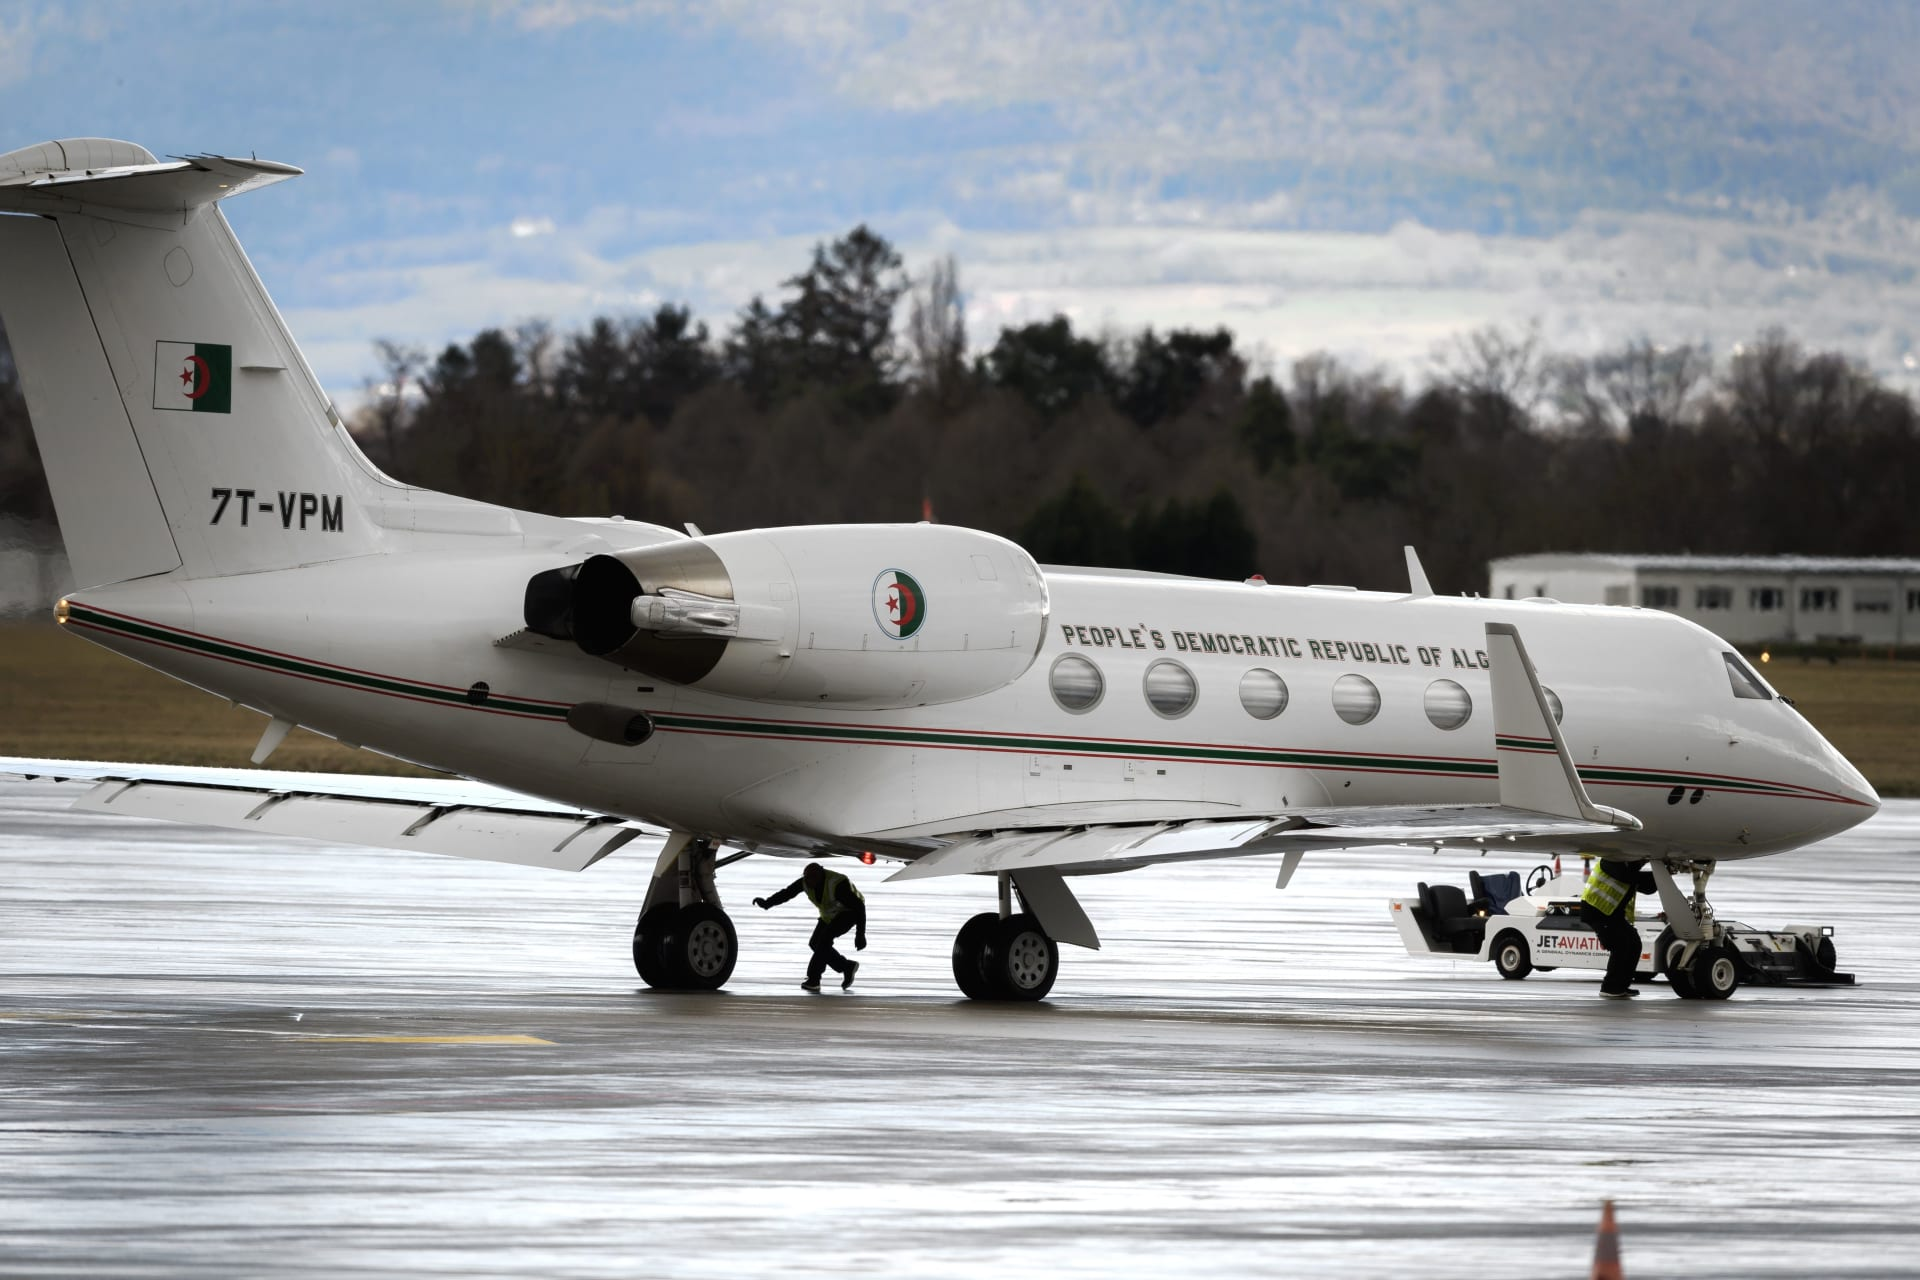 الطائرة الرئاسية الجزائرية تغادر جنيف.. وتوقعات بأن يكون بوتفليقة على متنها